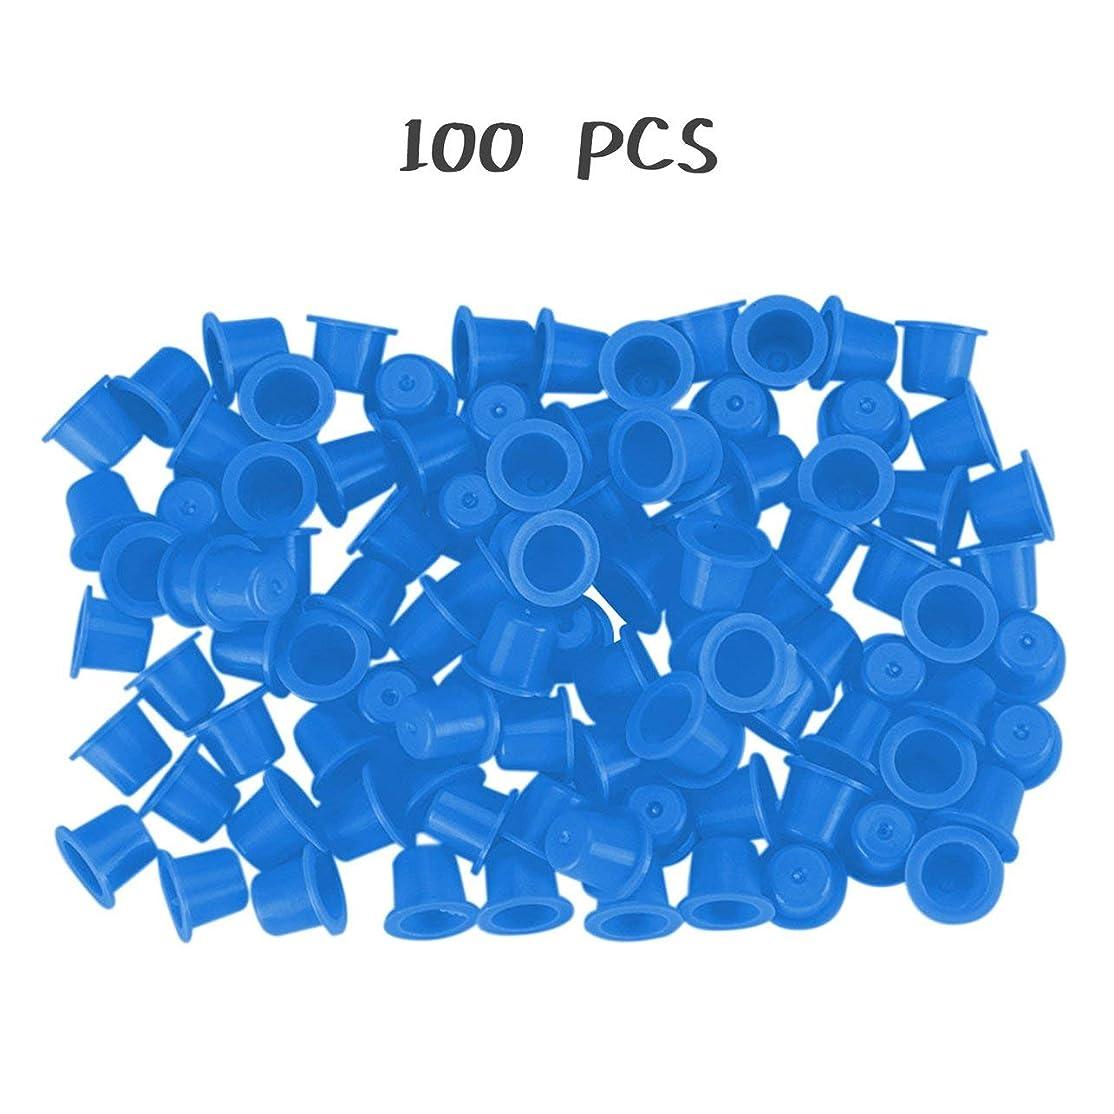 驚いた防衛窓DeeploveUU 100ピースイエロー/ブルー少数永久化粧タトゥーインクカップピグメントキャップタトゥーカラーカップアクセサリー